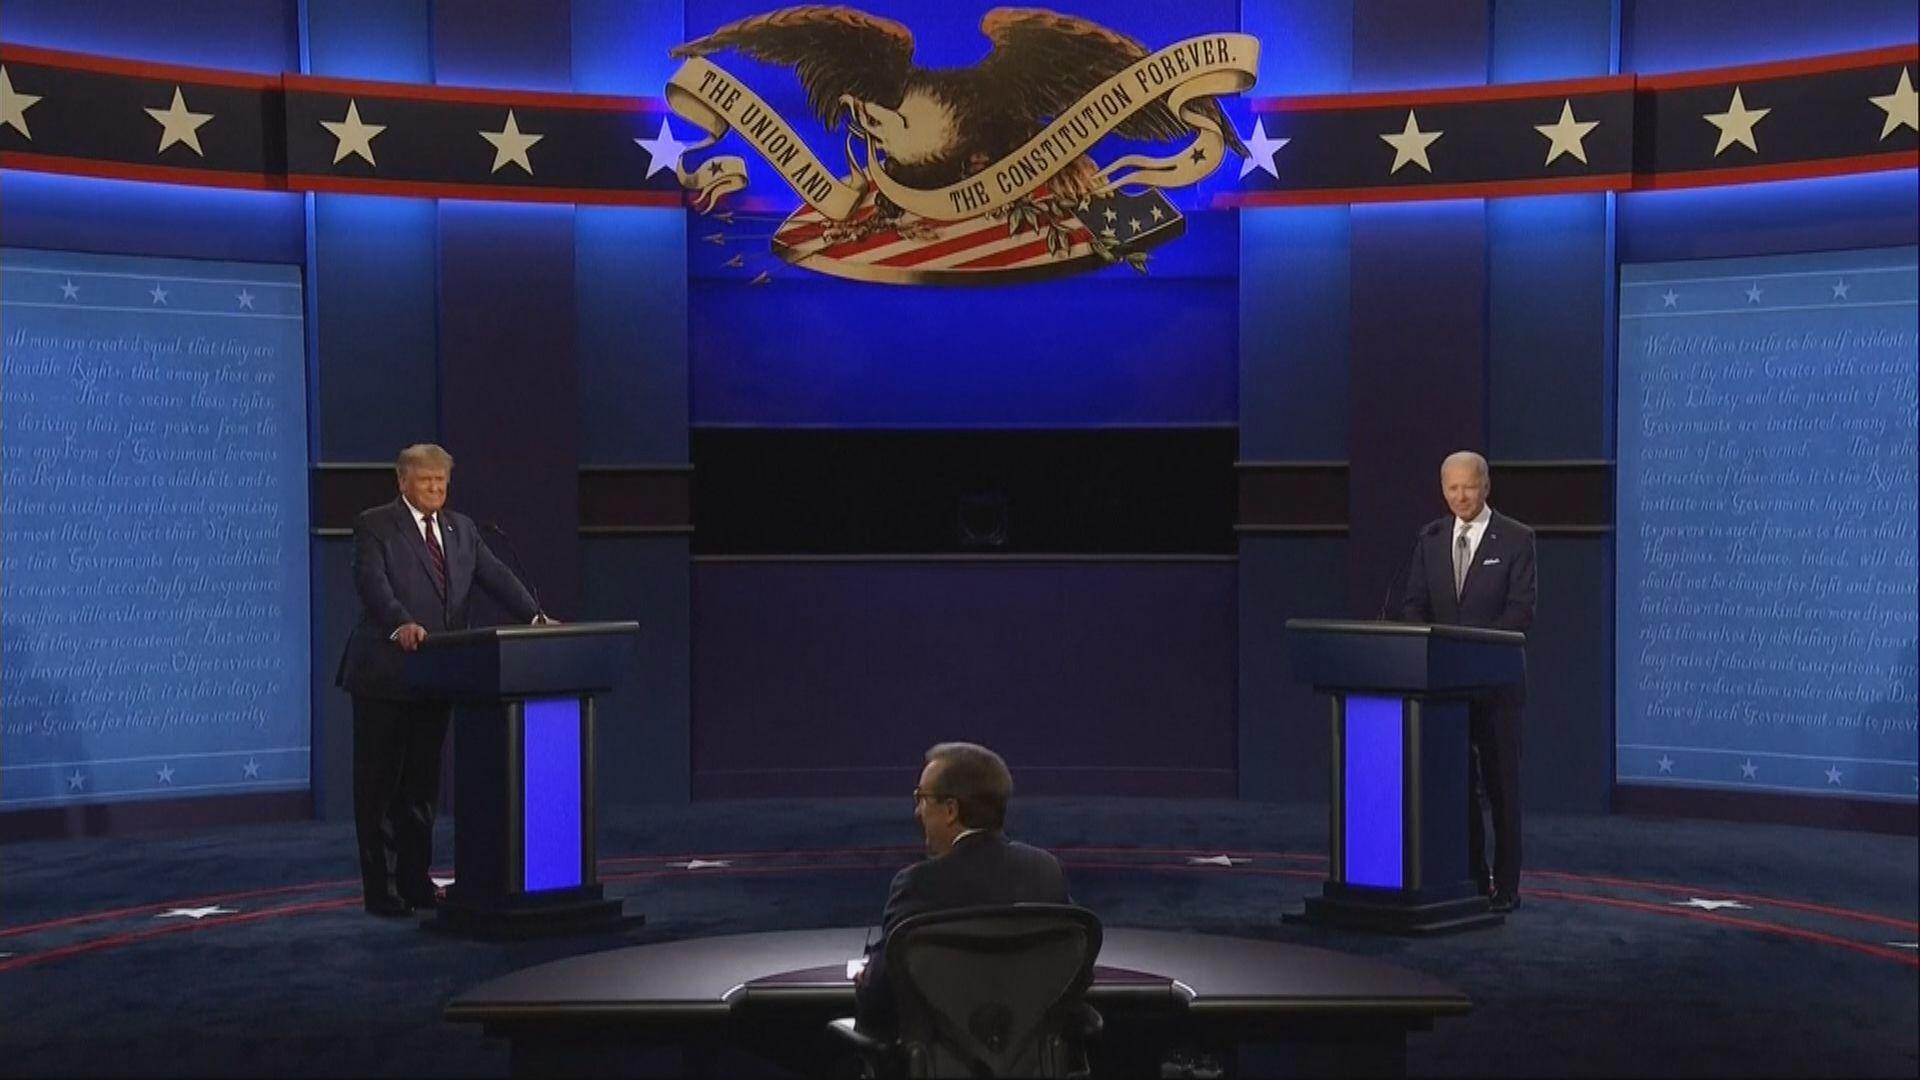 美國兩黨總統候選人舉行首場辯論